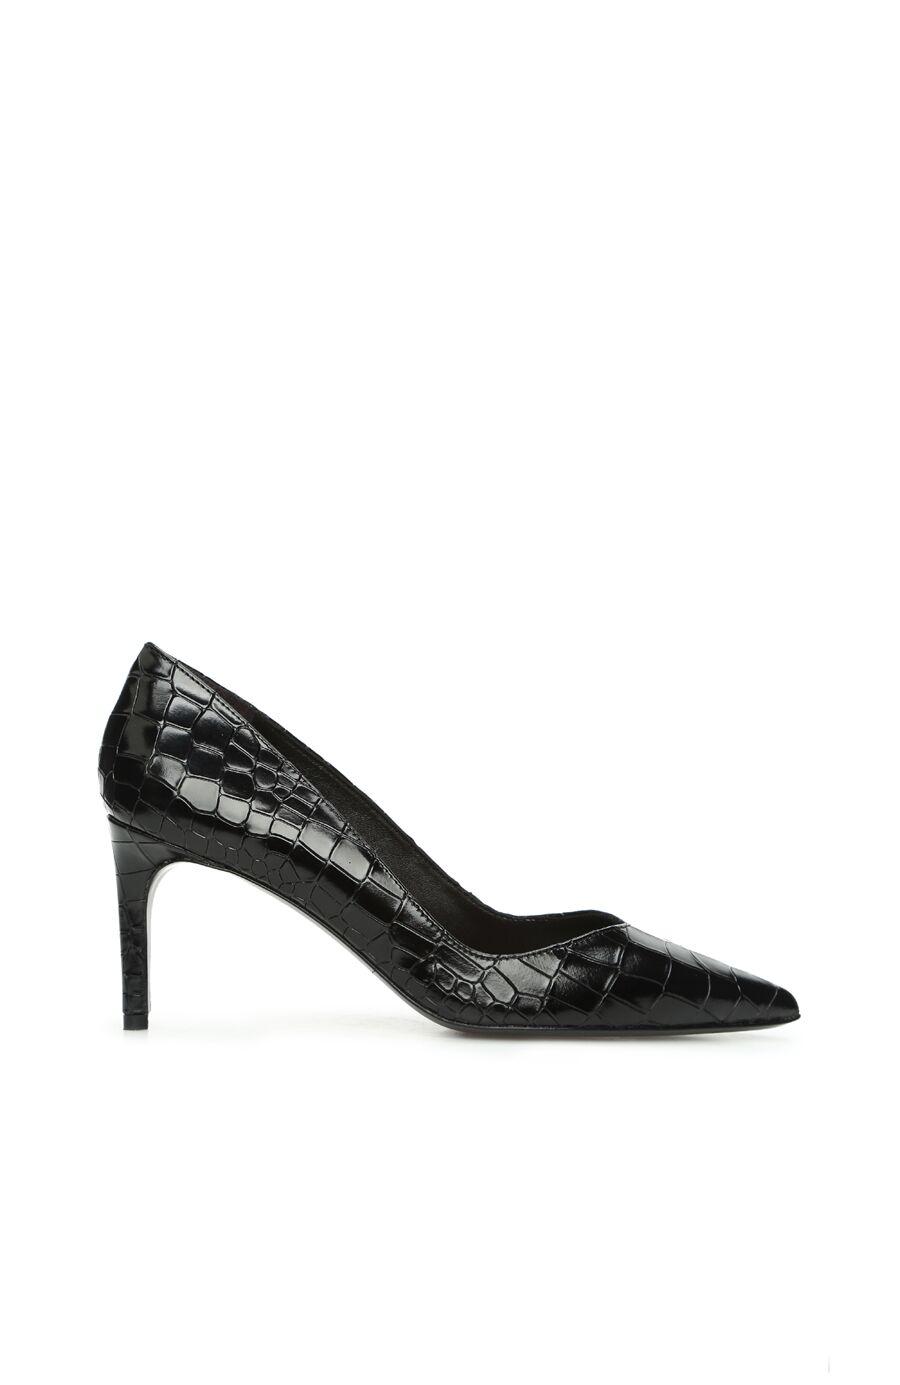 Siyah Krokodil Dokulu Kadın Deri Topuklu Ayakkabı